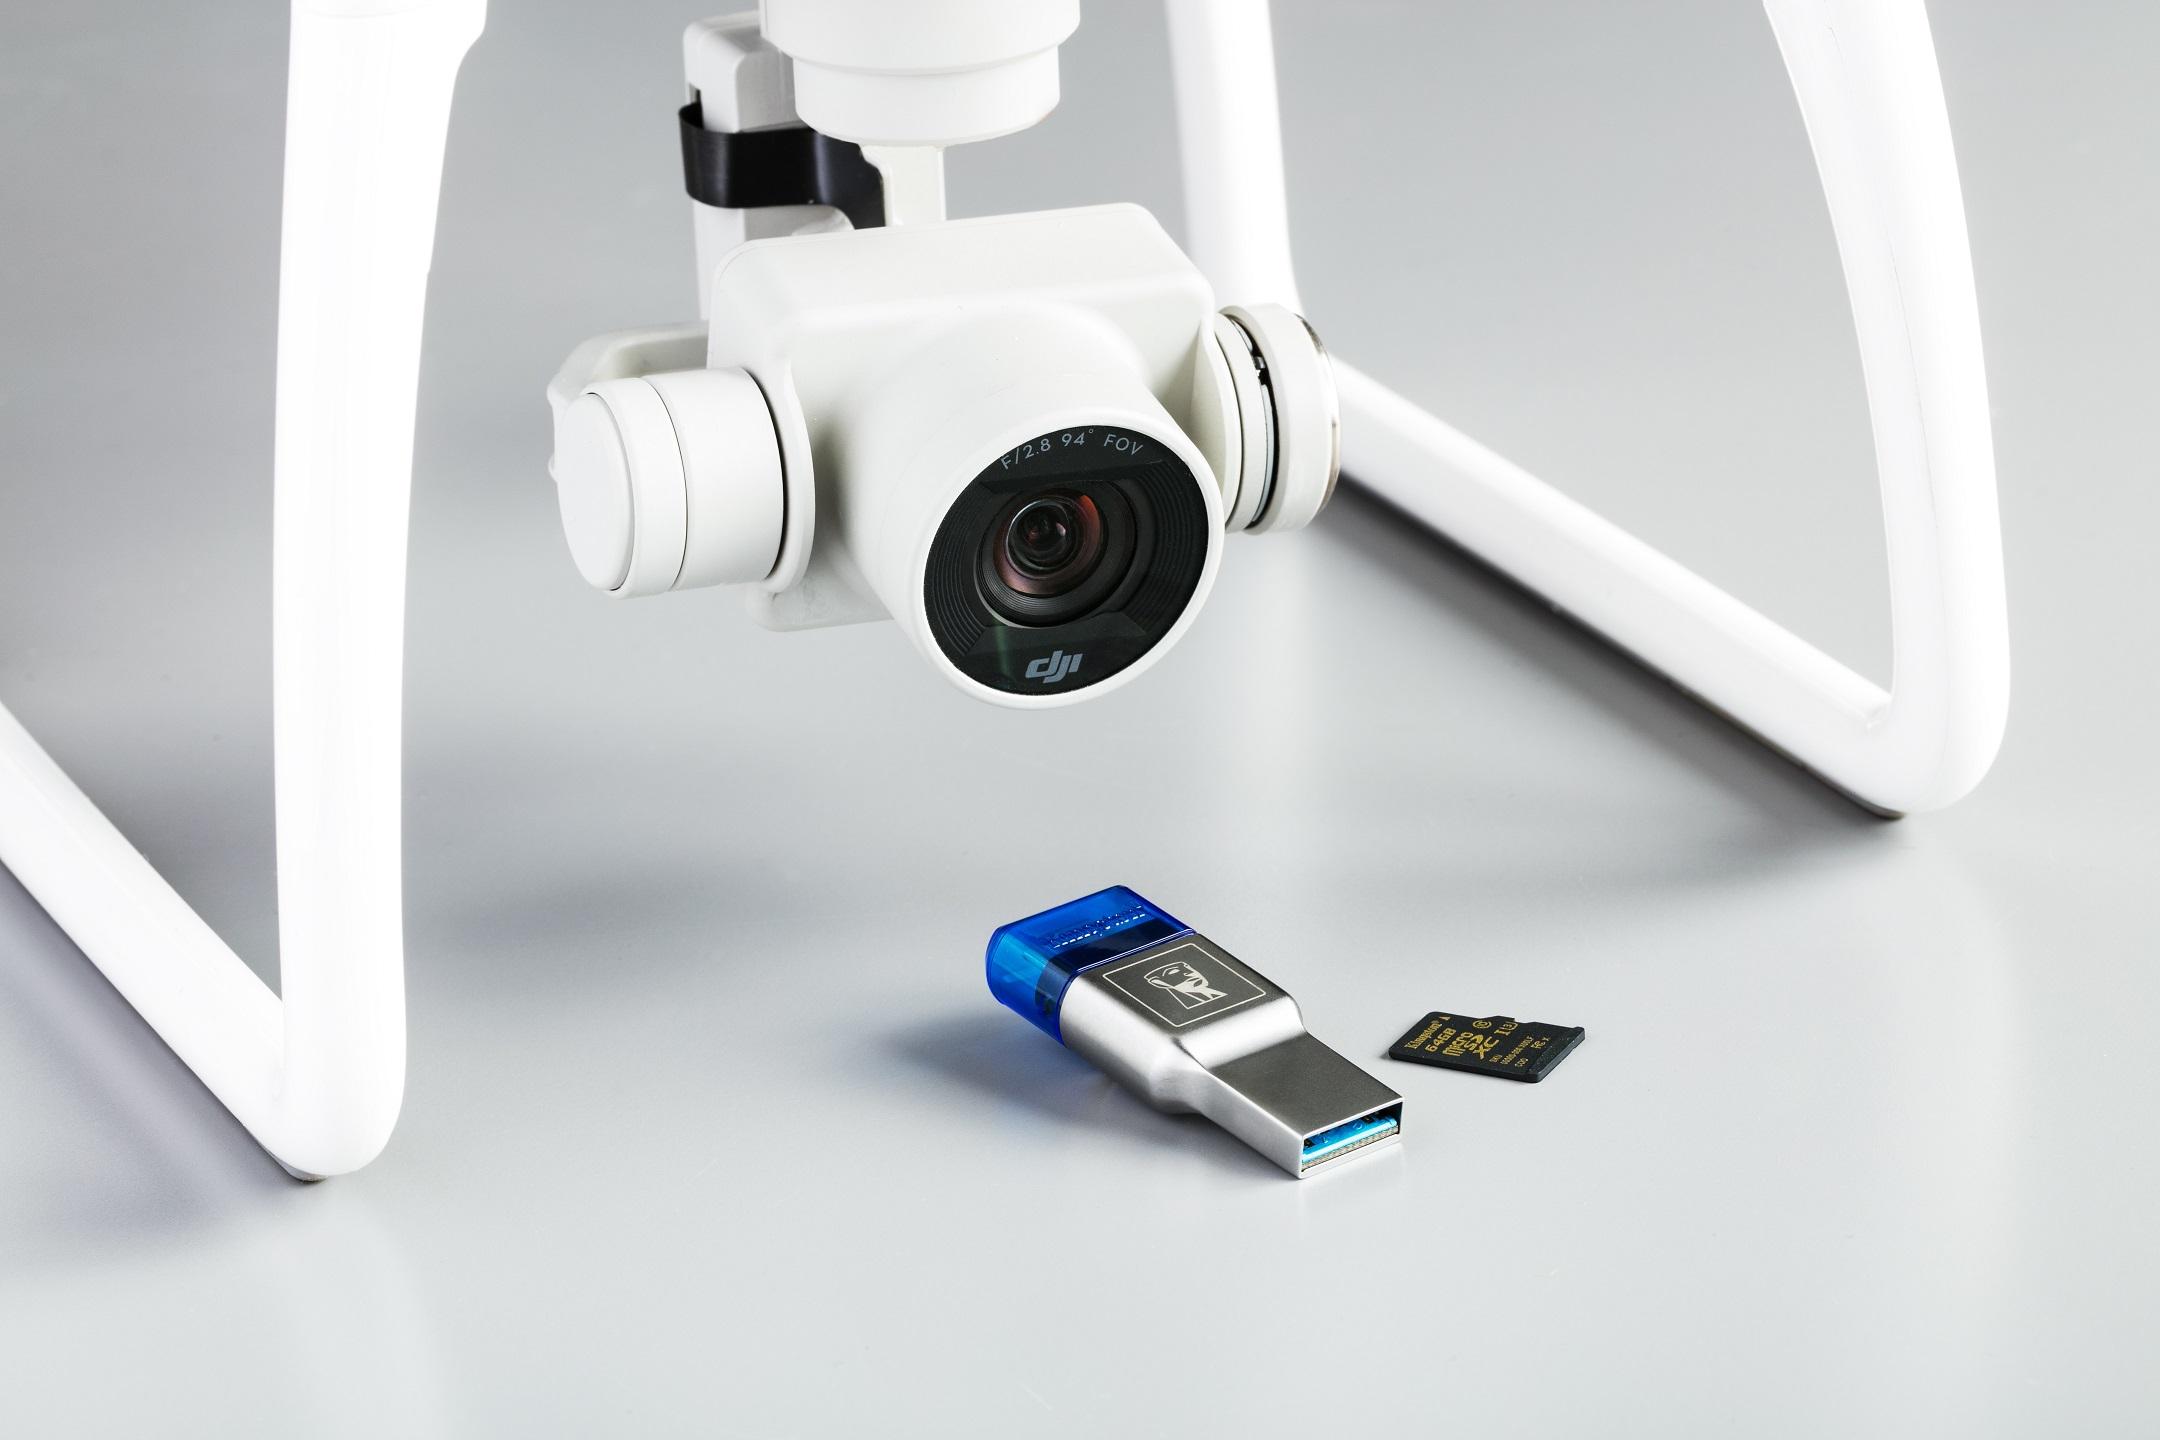 Kingston представляетновыйкартридер с поддержкой интерфейса USB Type-C